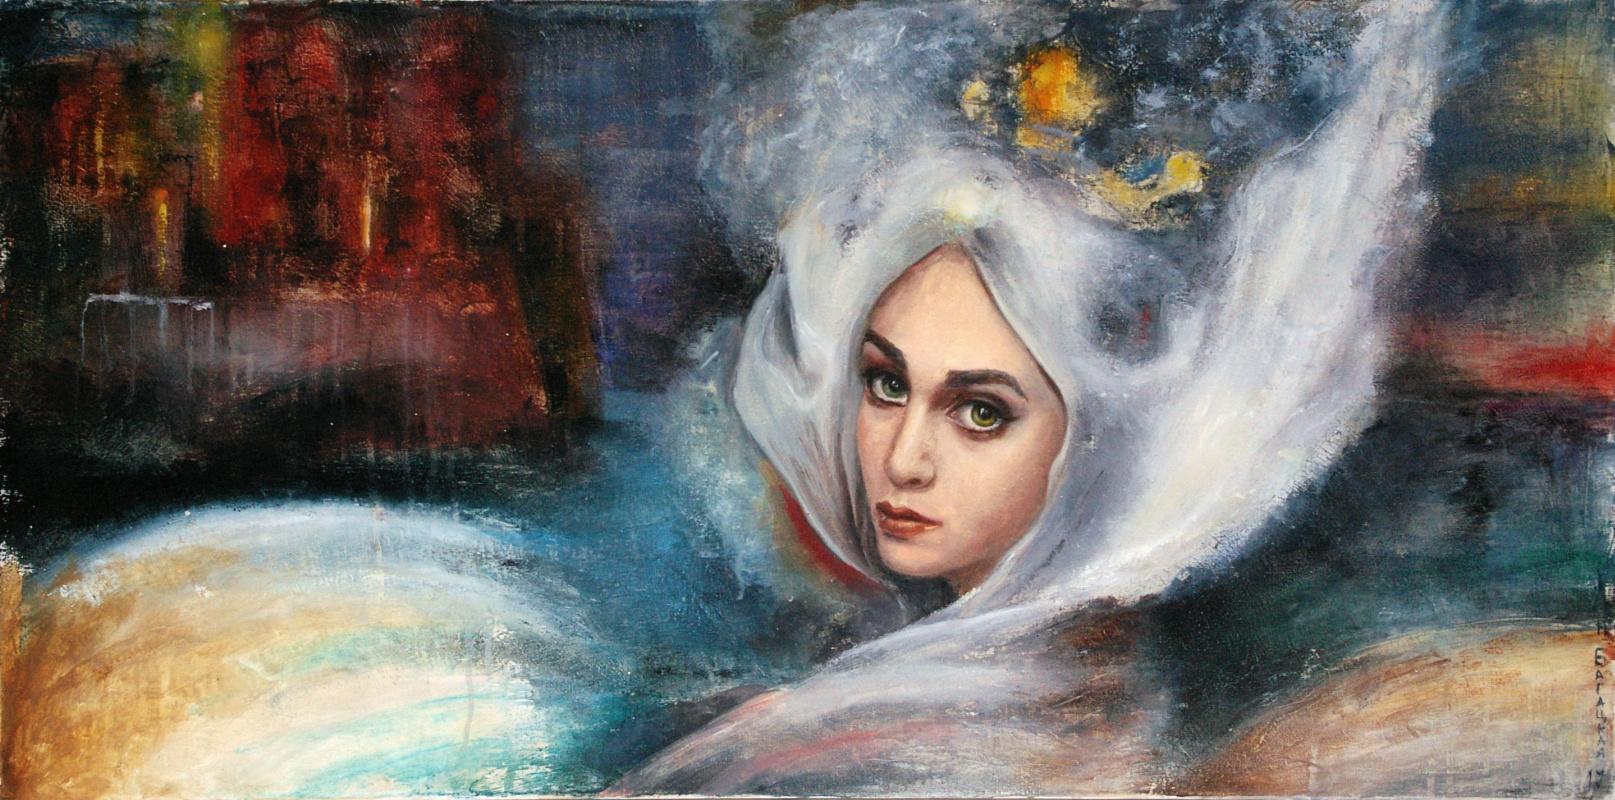 Наталия Багацкая. Princess swan